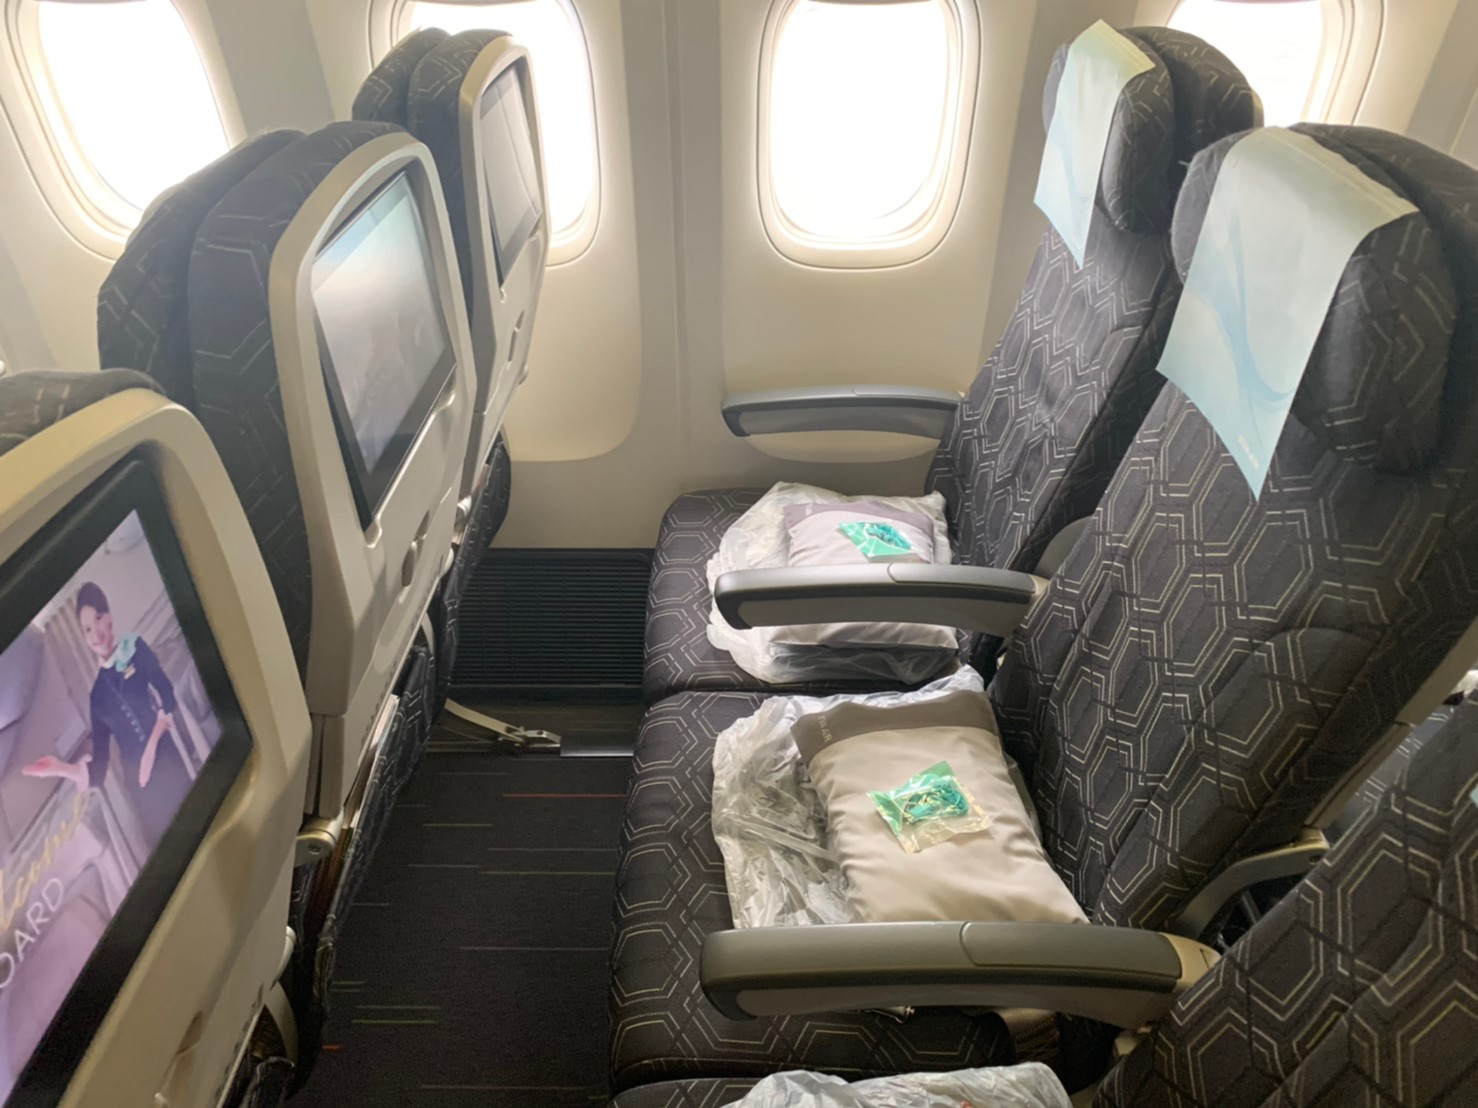 長榮航空直飛巴黎|777-300ER,給你直飛舒適的超值享受體驗